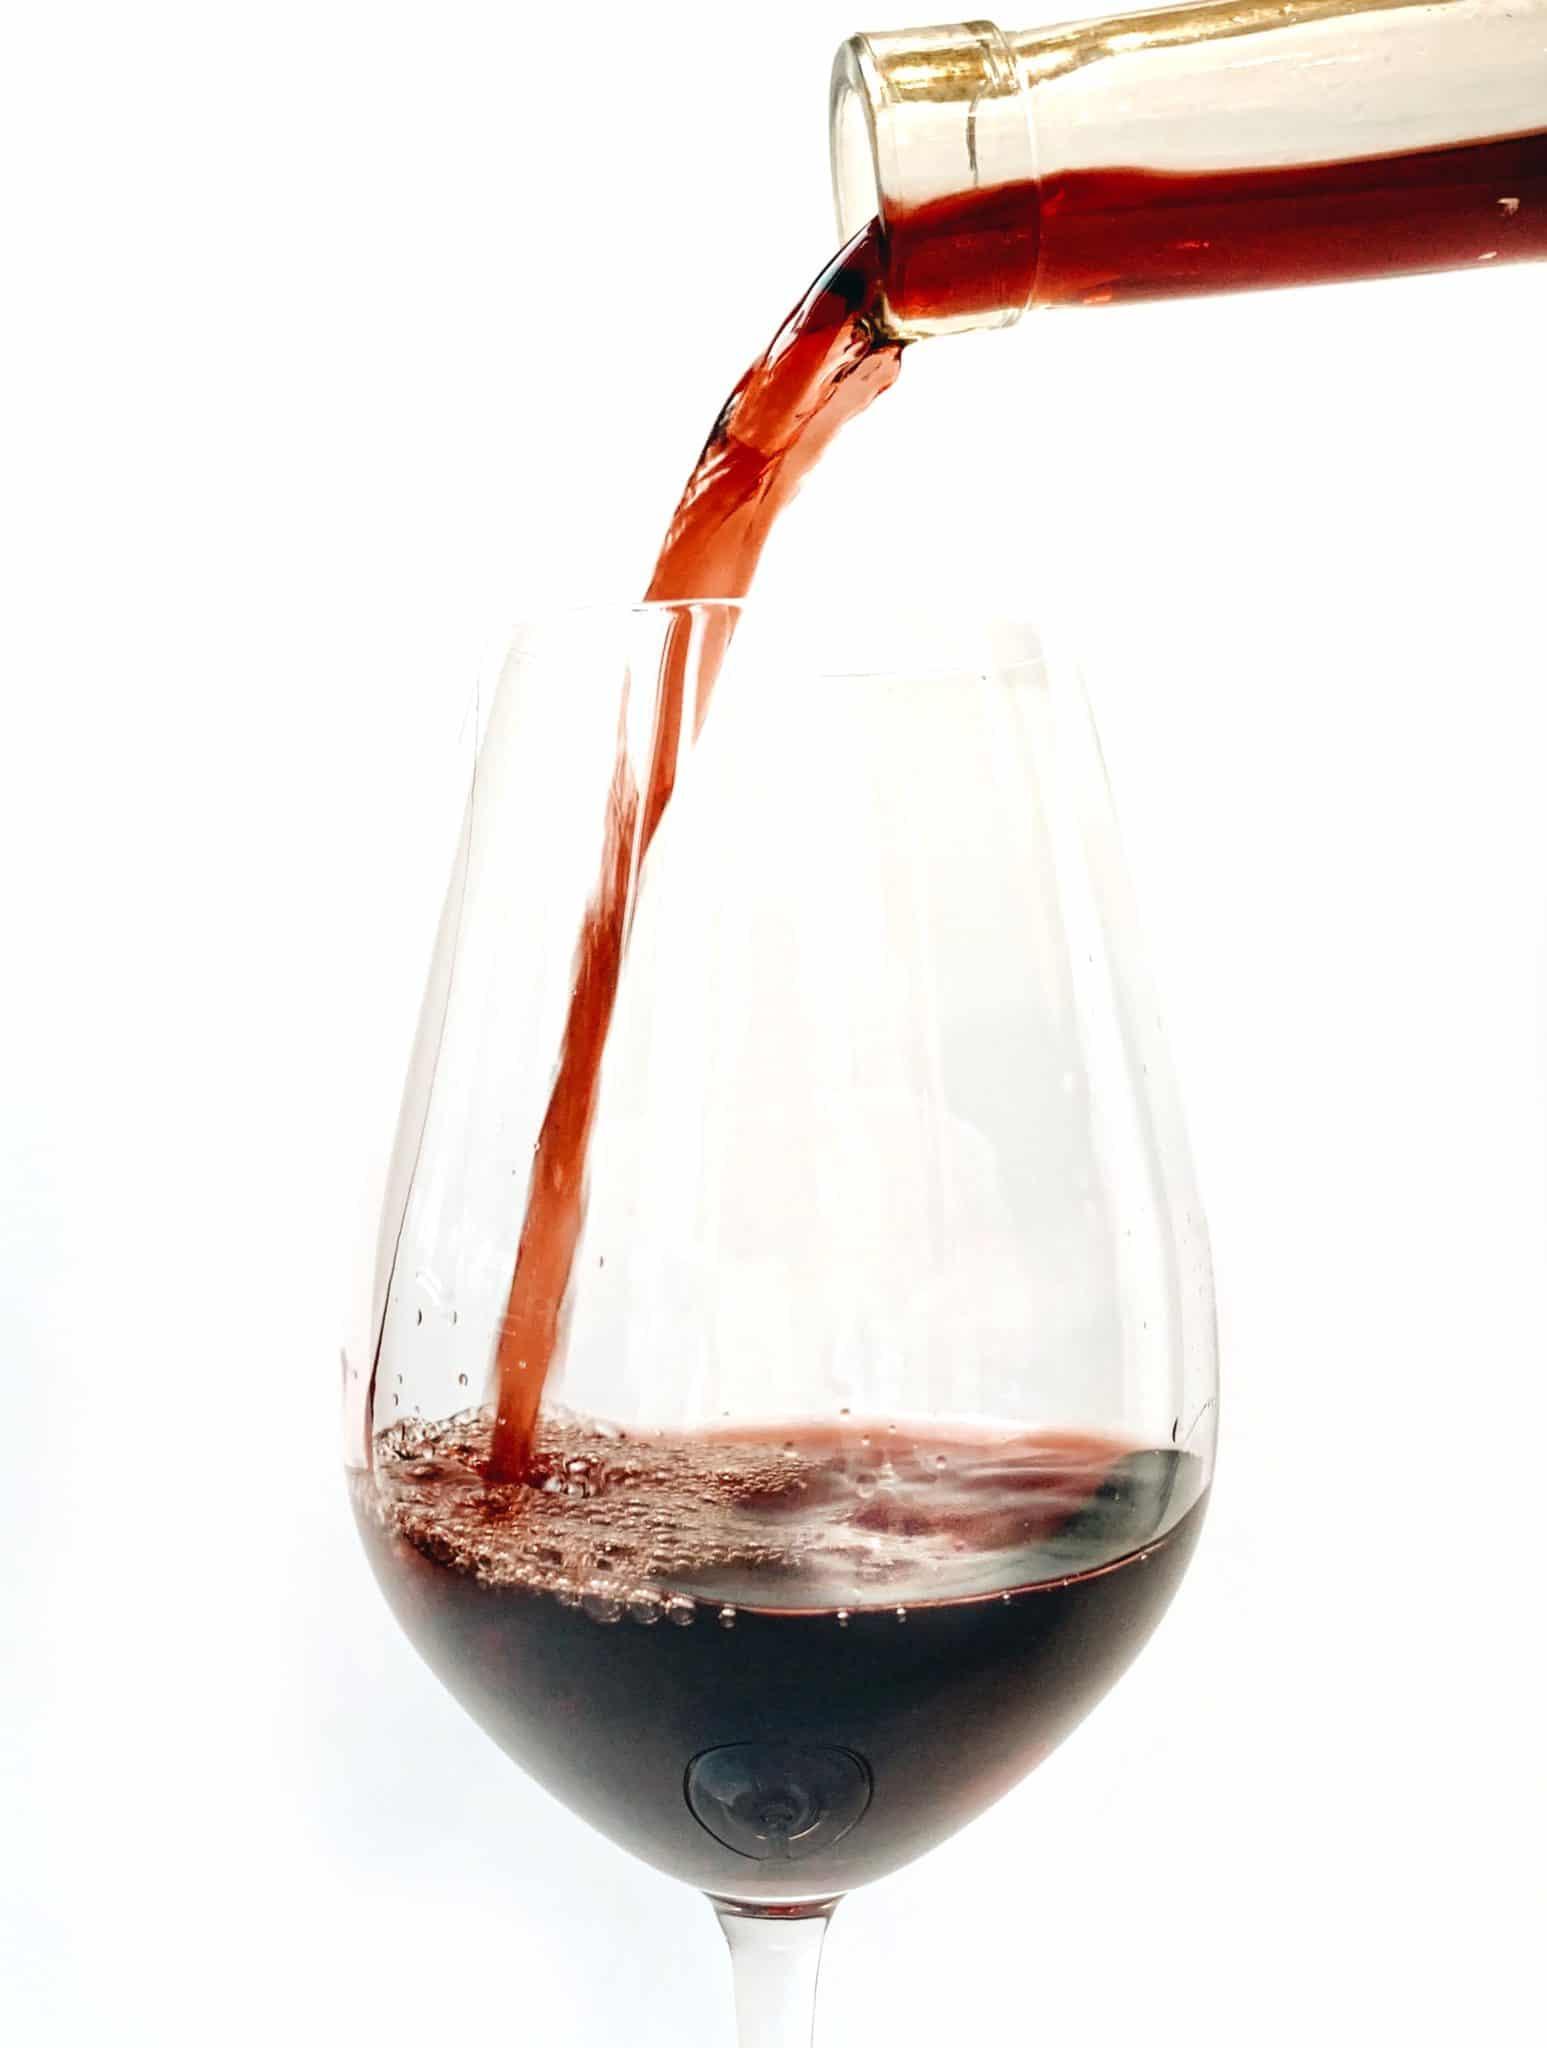 barbaresco meilleur vin italien coffret box vin winebox prestige